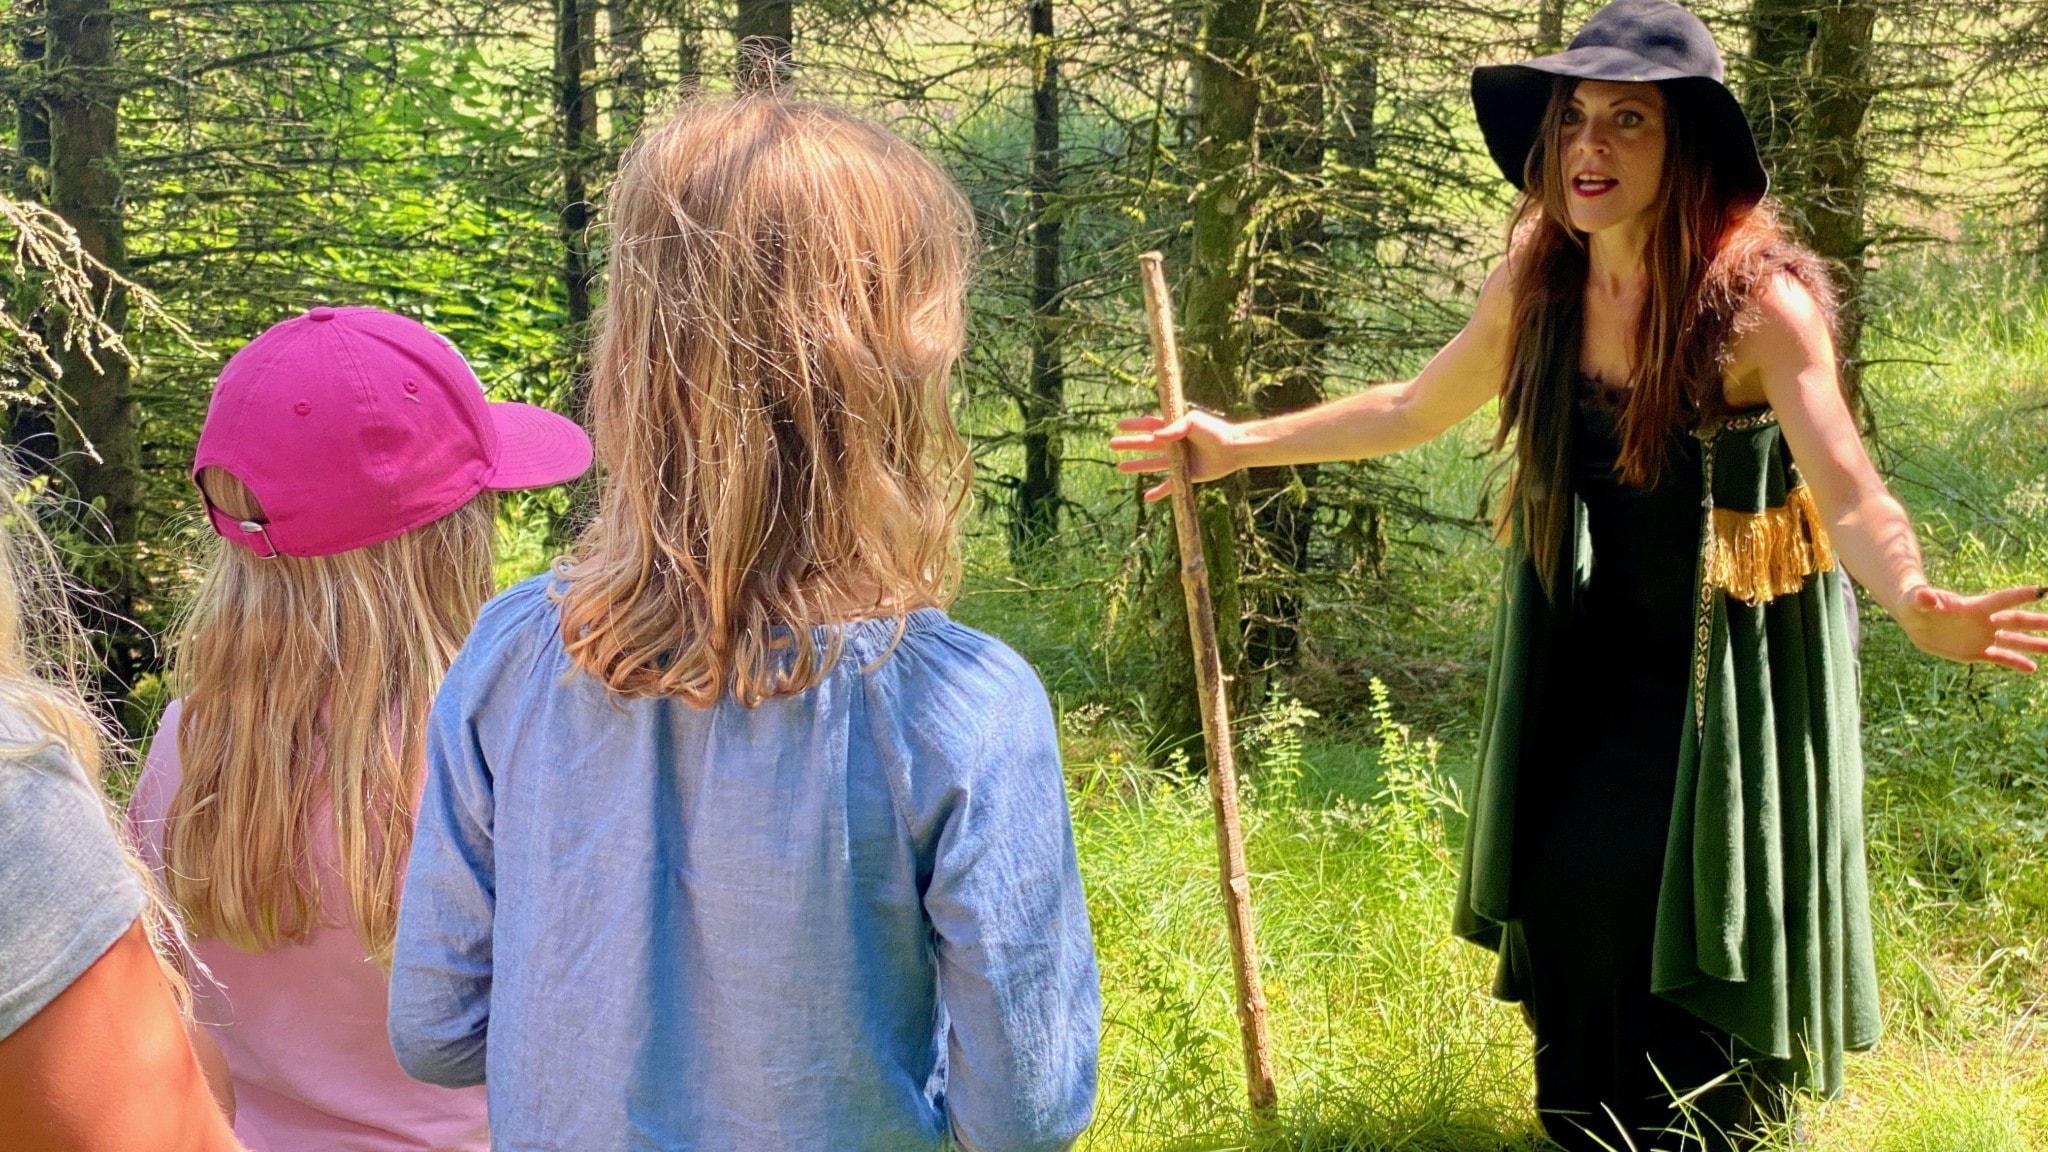 LinaMaria Bengtsson utklädd till skogsrået, i skogen framför en grupp fascinerade barn